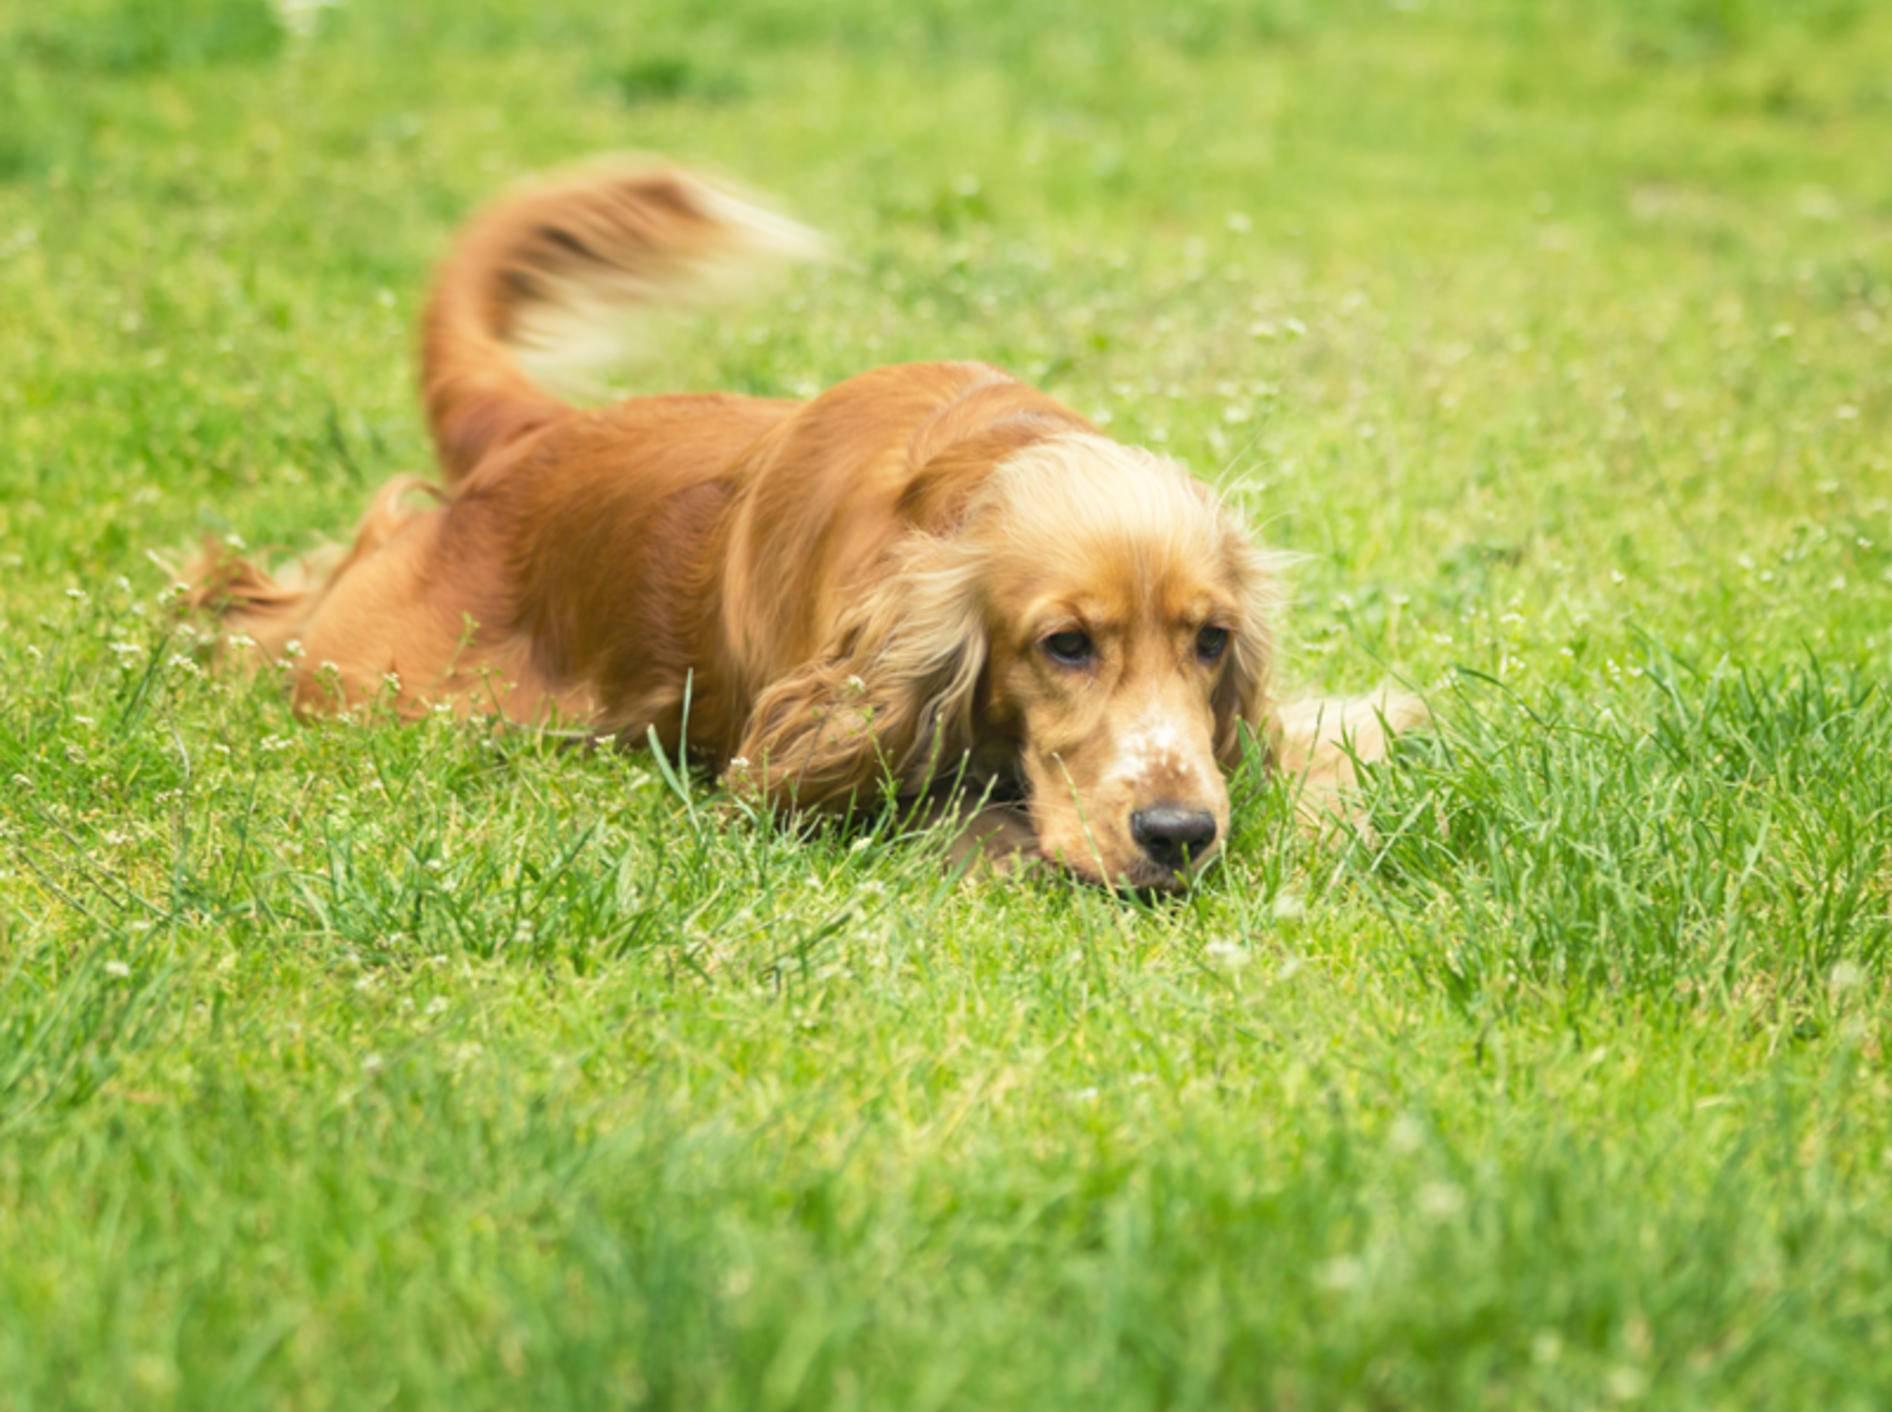 Schwanzwedeln beim Hund bedeutet immer Freude? Leider ein Irrtum! – Shutterstock / Neonci